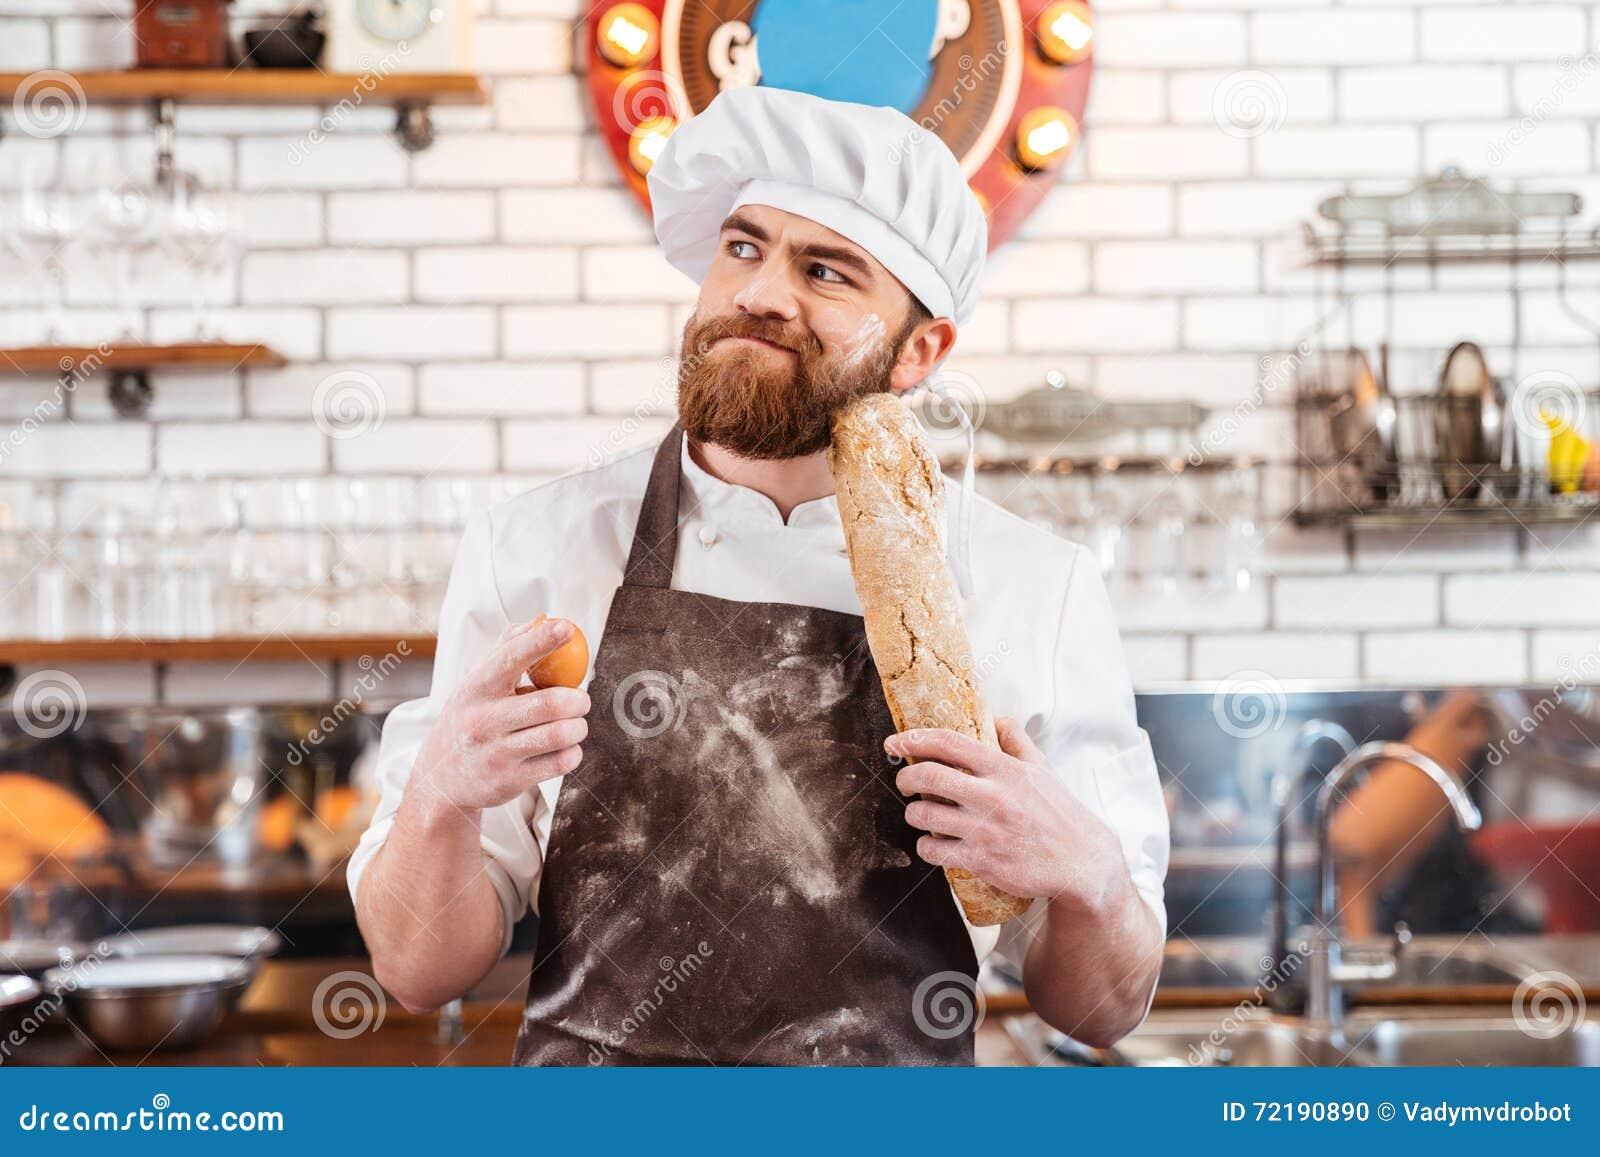 Padeiro farpado pensativo que guarda ovos e pão na cozinha